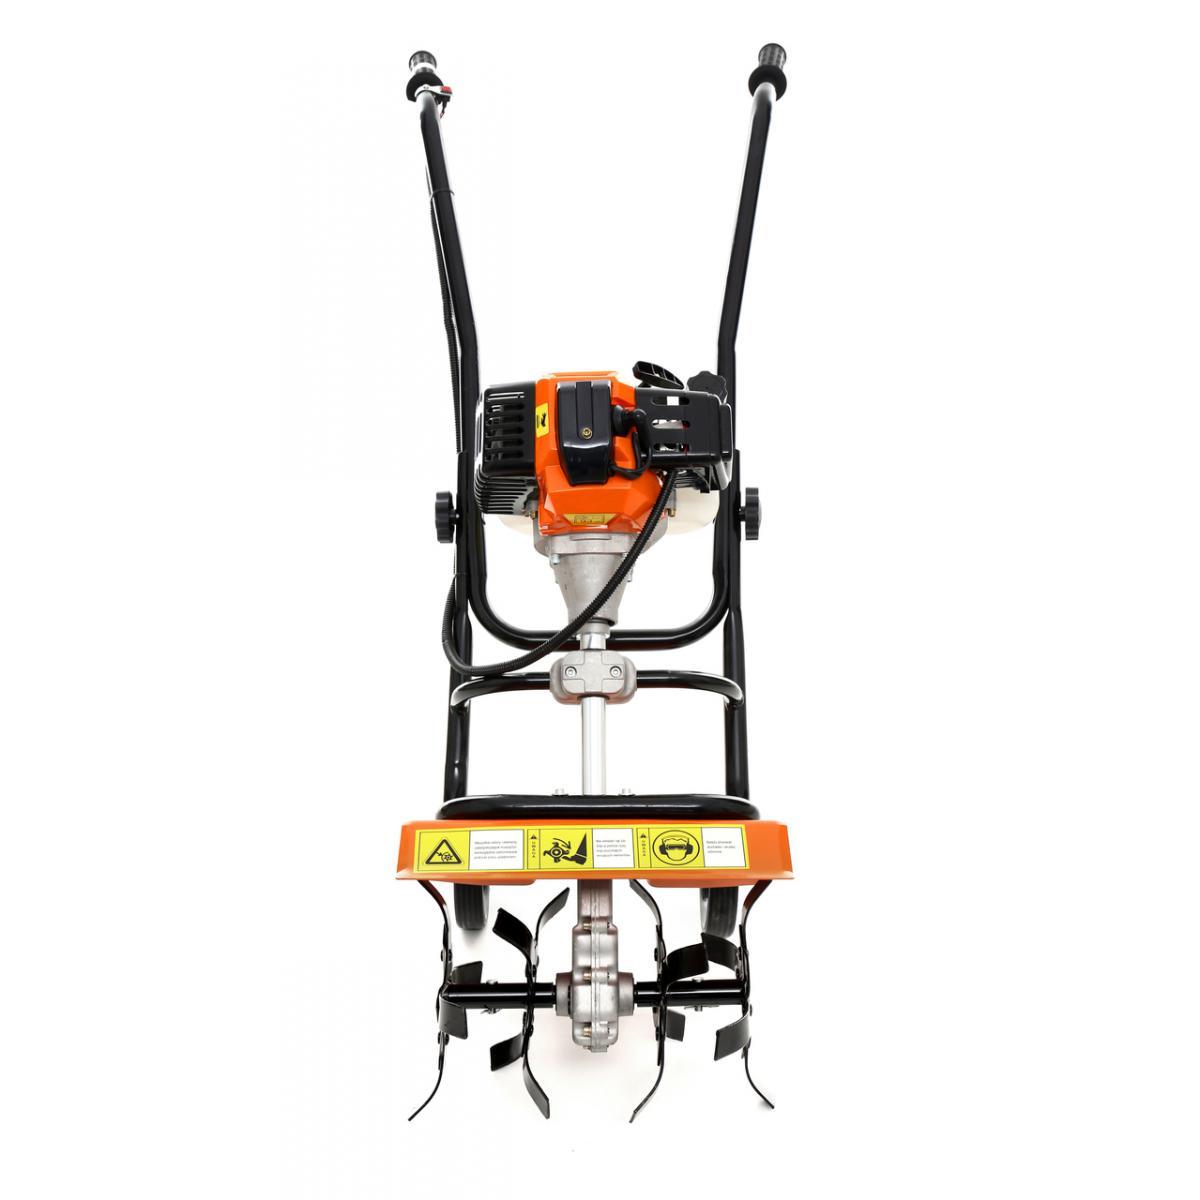 Hucoco DCRAFT | Motobineuse à essence 52 cm³ puissance: 3,8KW | Outil jardinage thermique | Fraises robustes | Régime: 6500 to